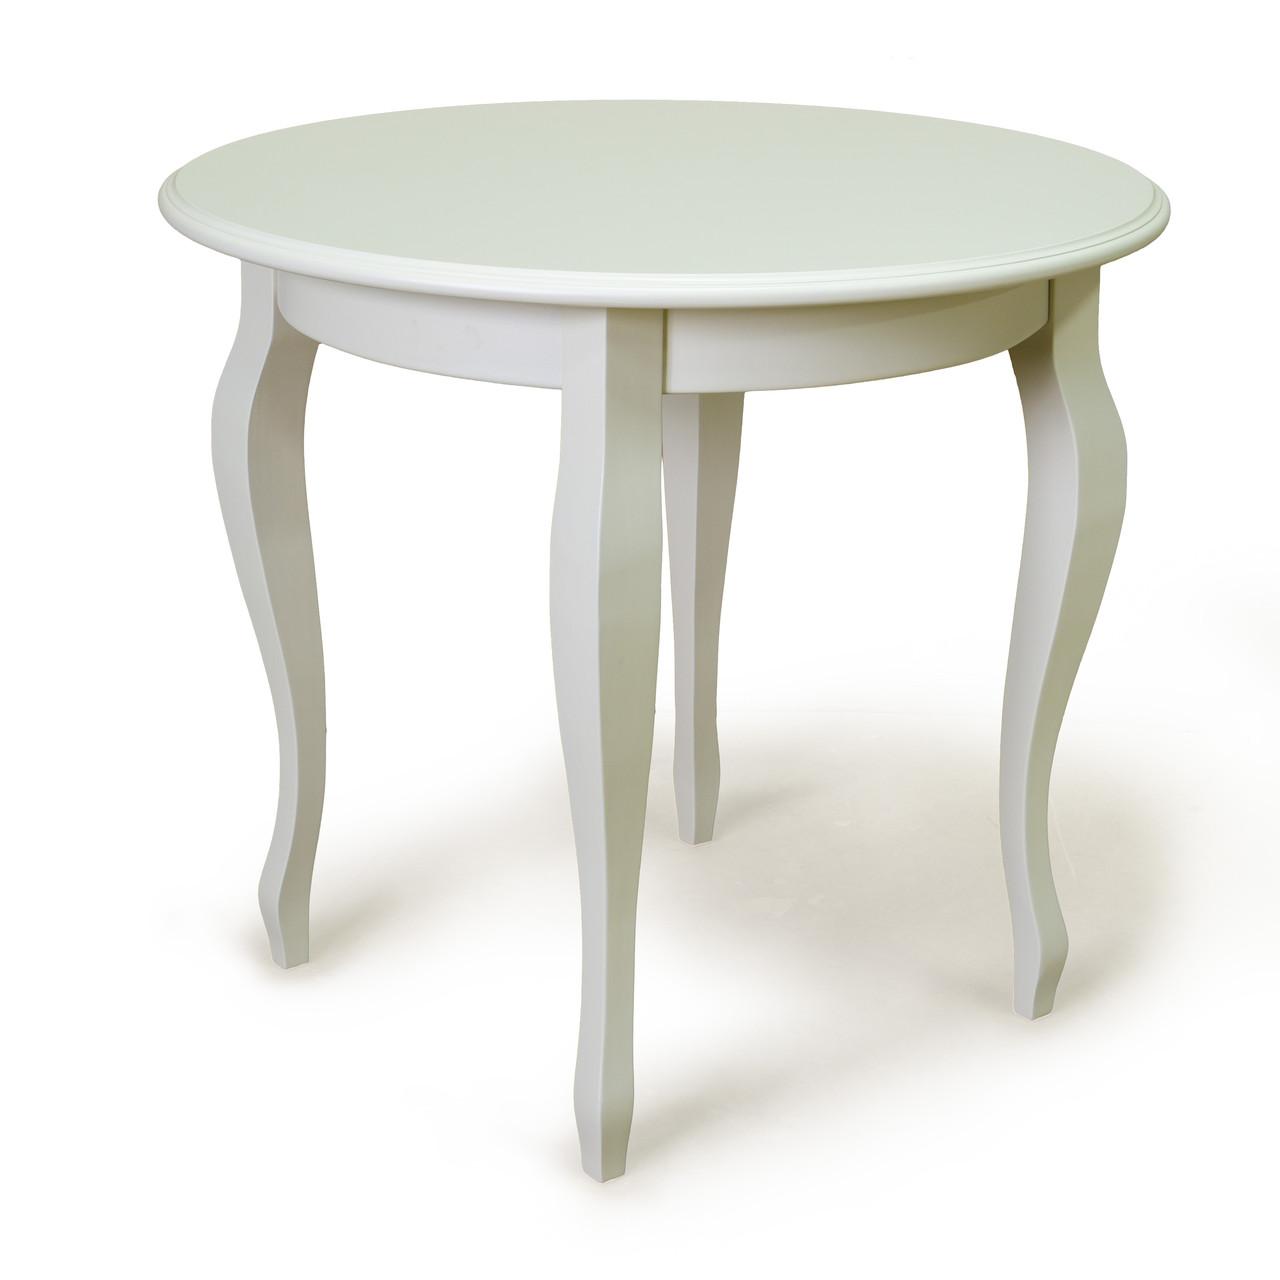 Кухонный стол Верона нераскладной Askalon из массива дерева, цвет на выбор